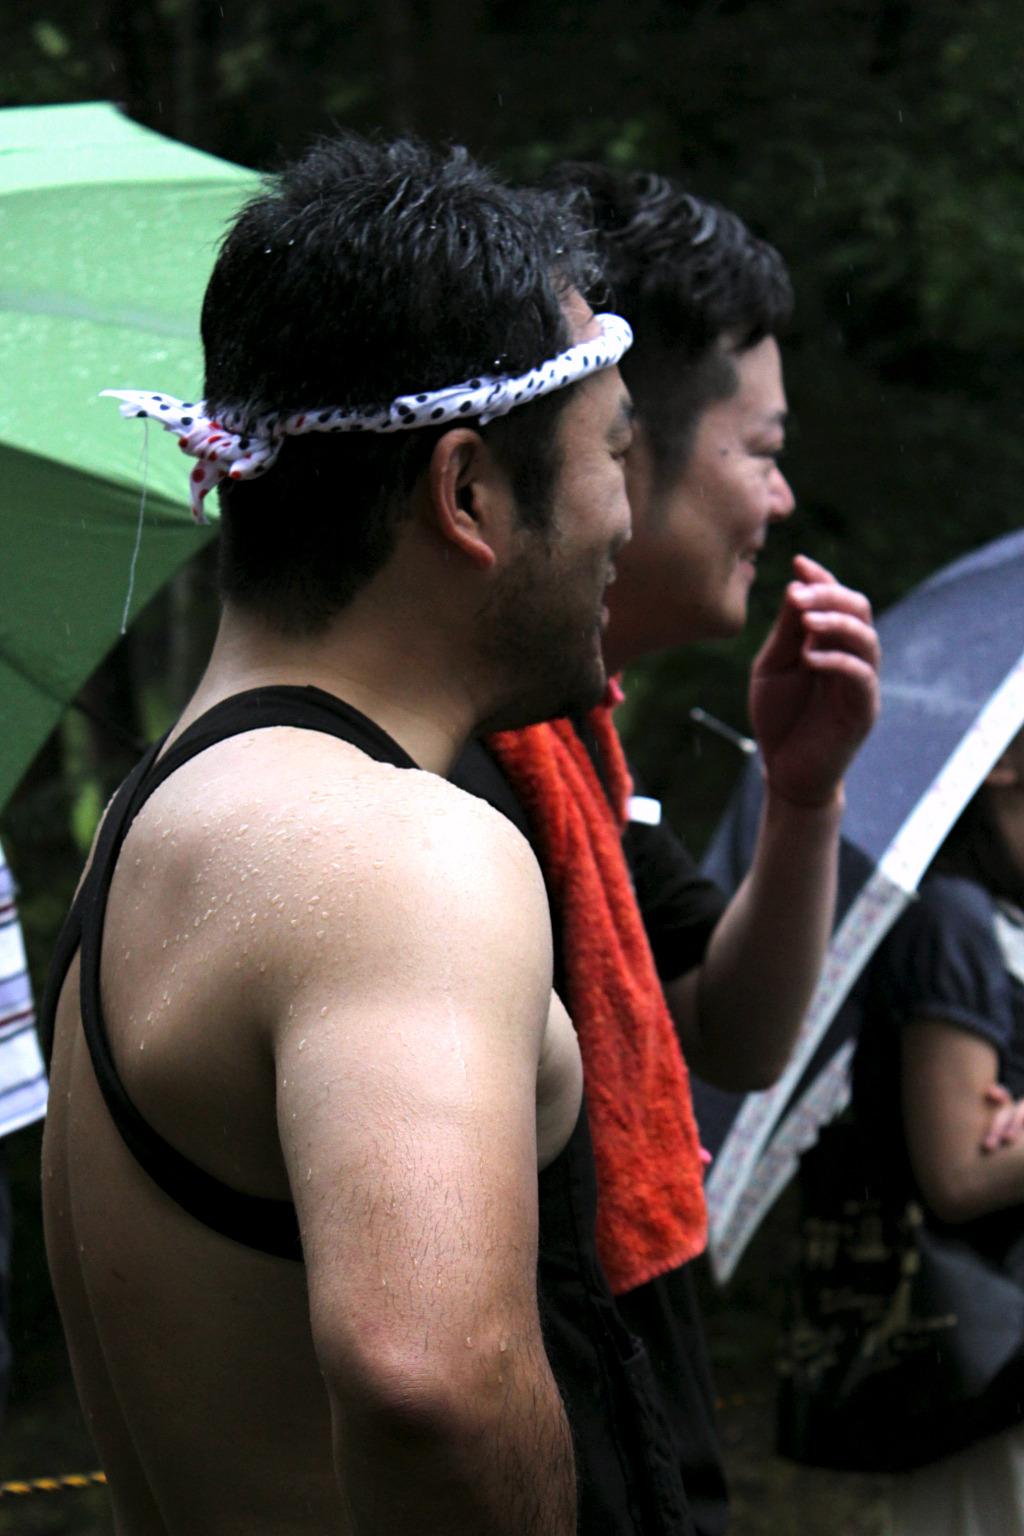 waiting runner in rain at Yuwaku's Summer Ice House Festival in Kanazawa